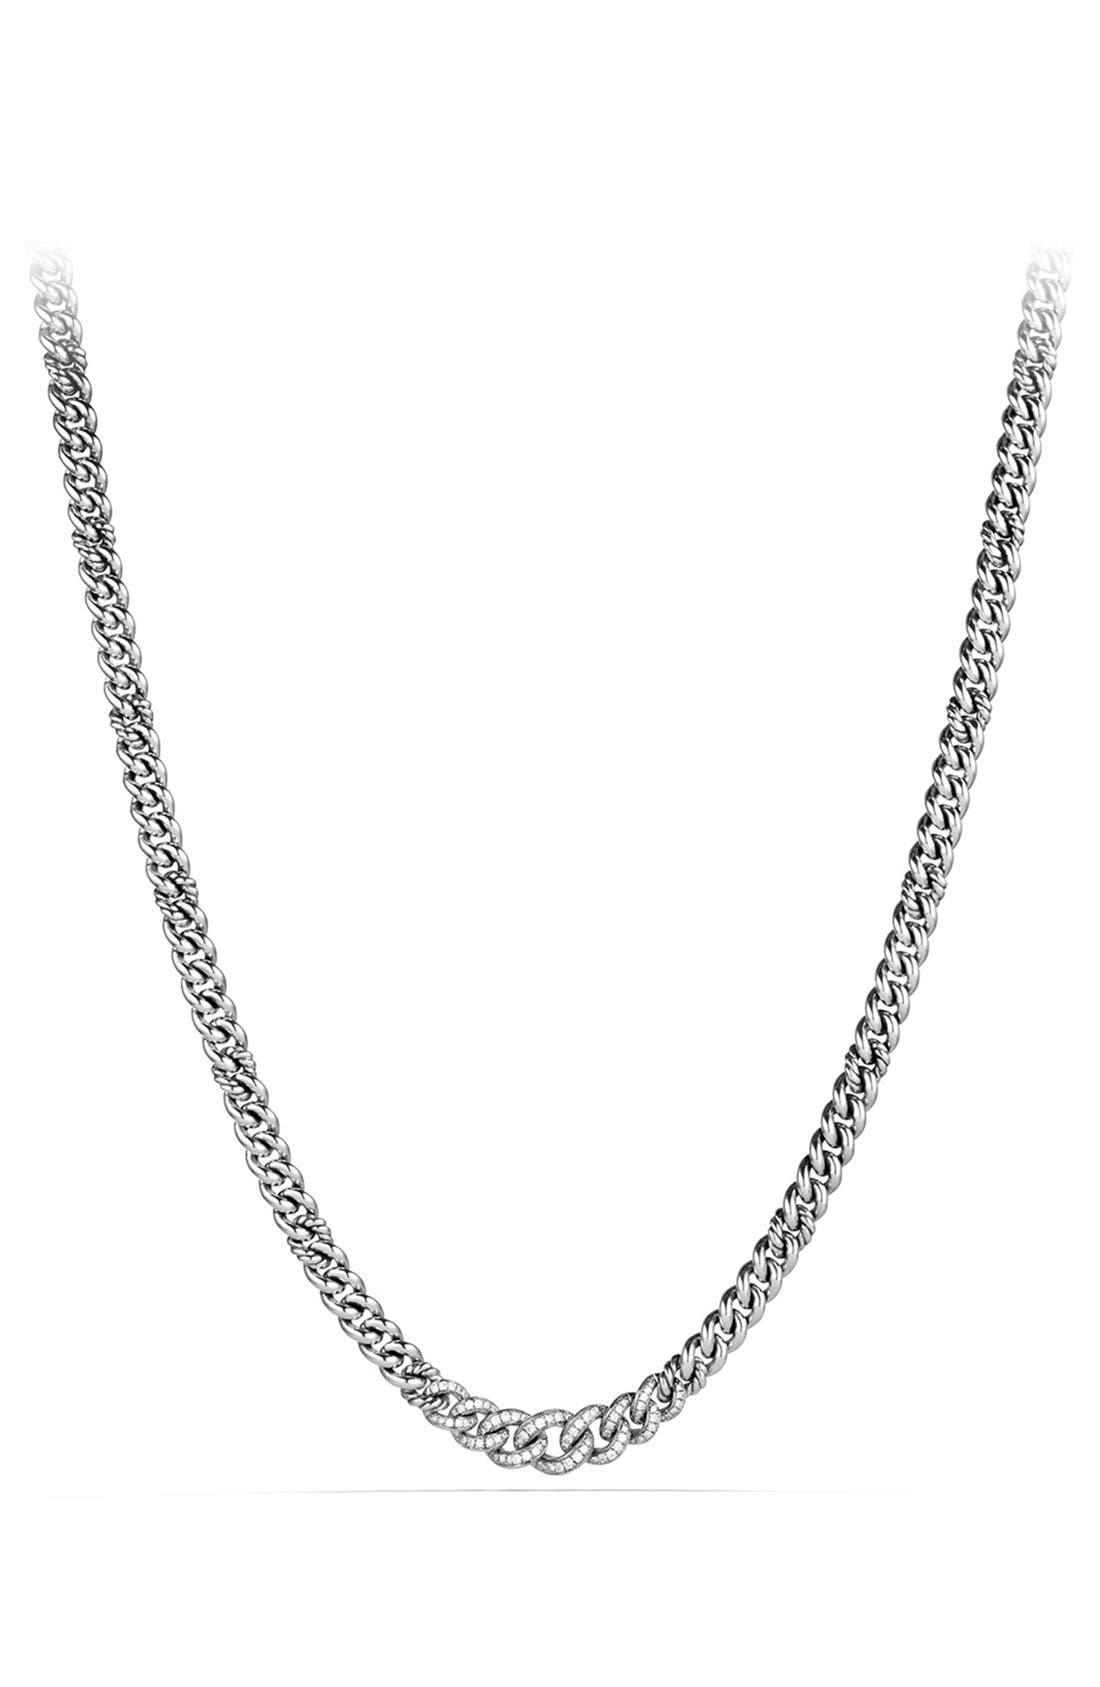 'Petite Pavé' Curb Chain Necklace with Diamonds,                             Main thumbnail 1, color,                             040